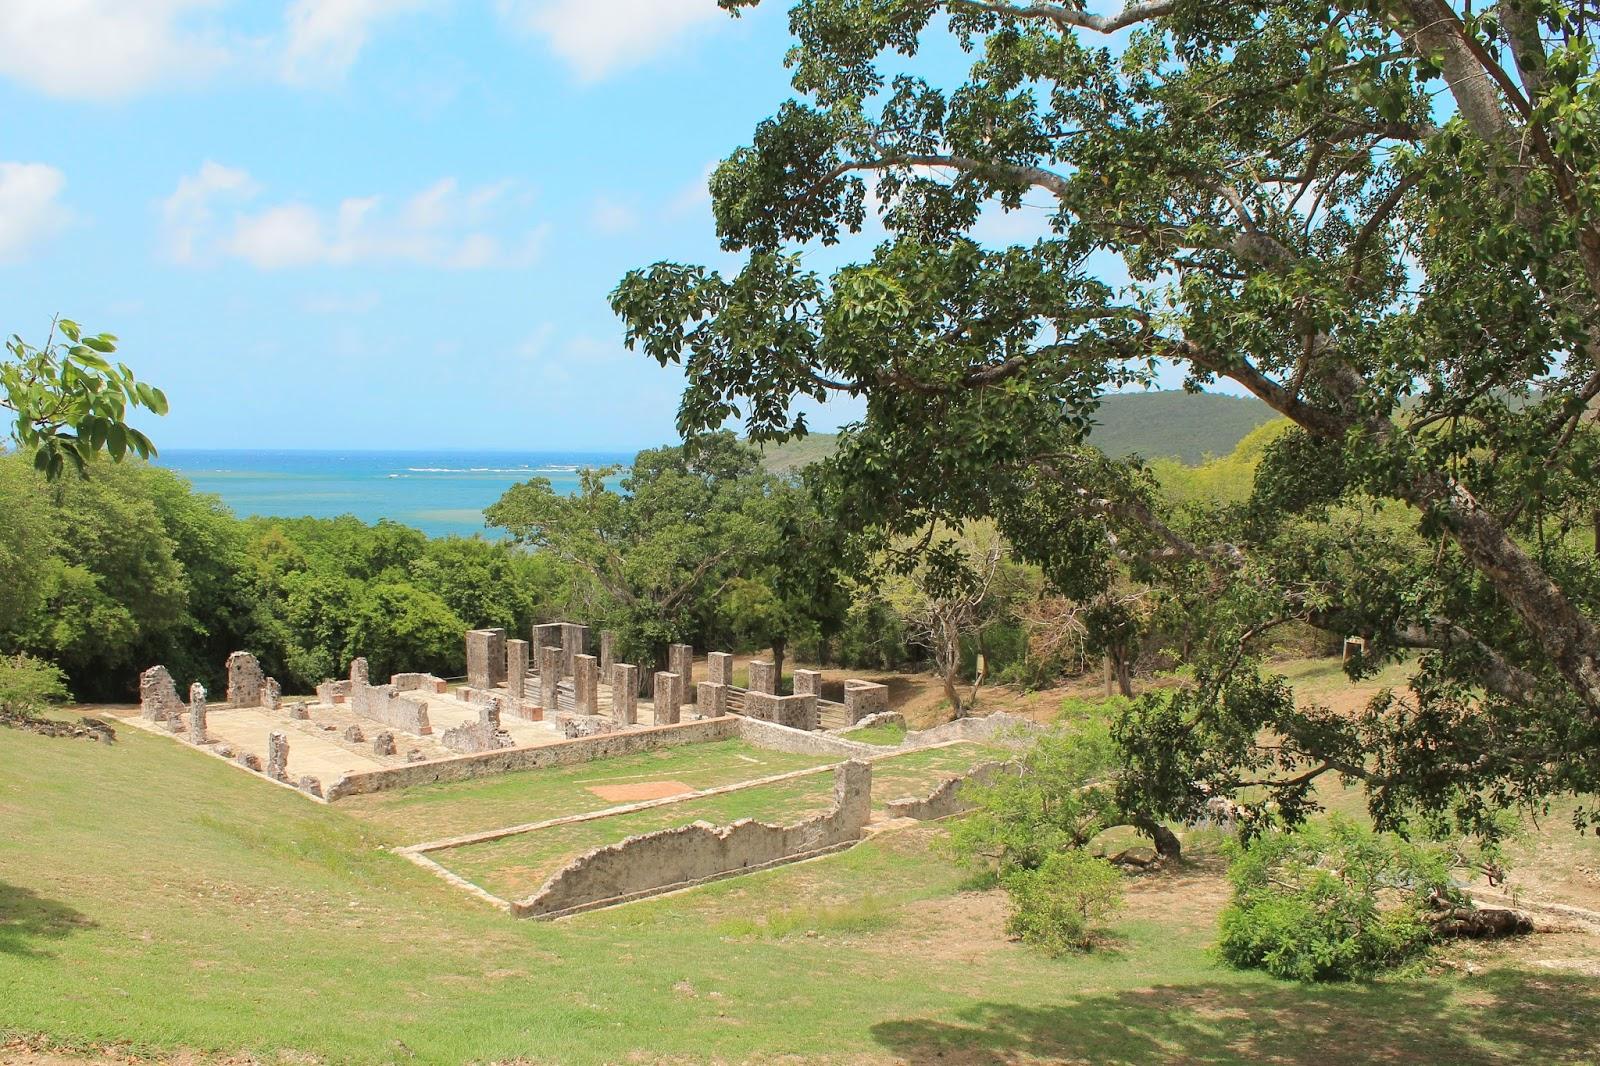 martinique île presqu'île caravelle chateau dubuc soleil vacances 972